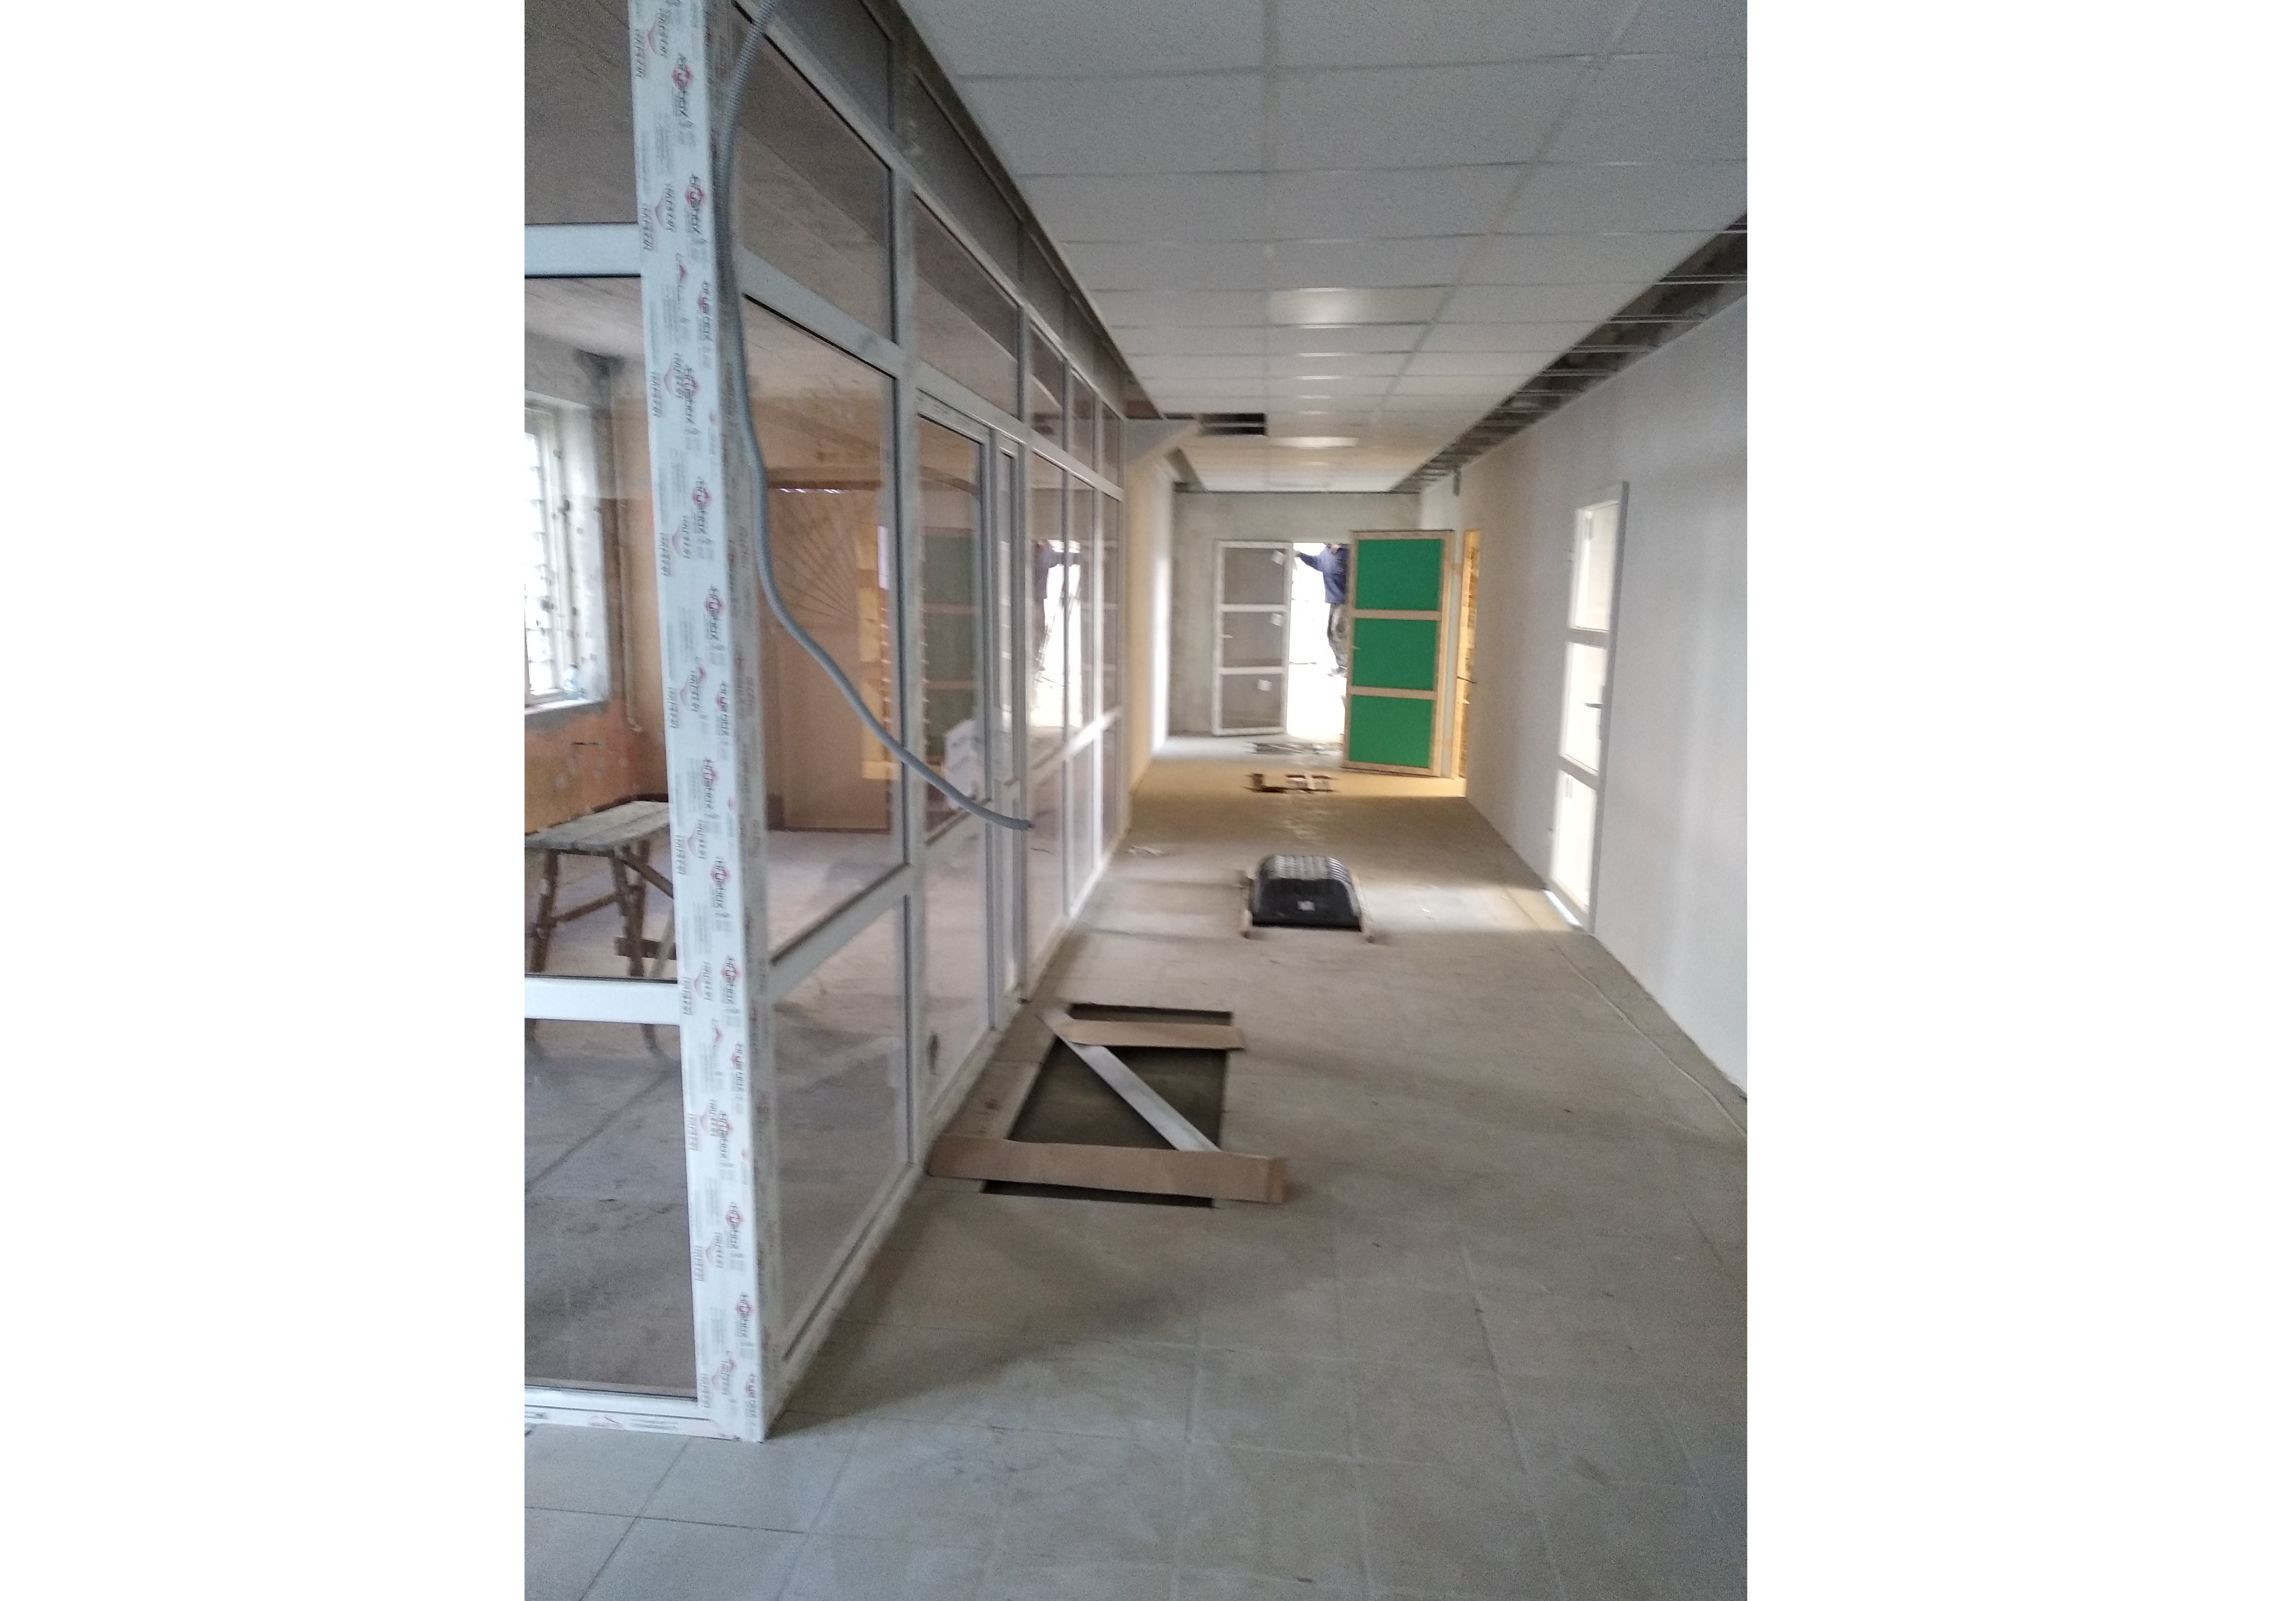 Начались поставки оборудования для «IT-куба» в Тутаеве